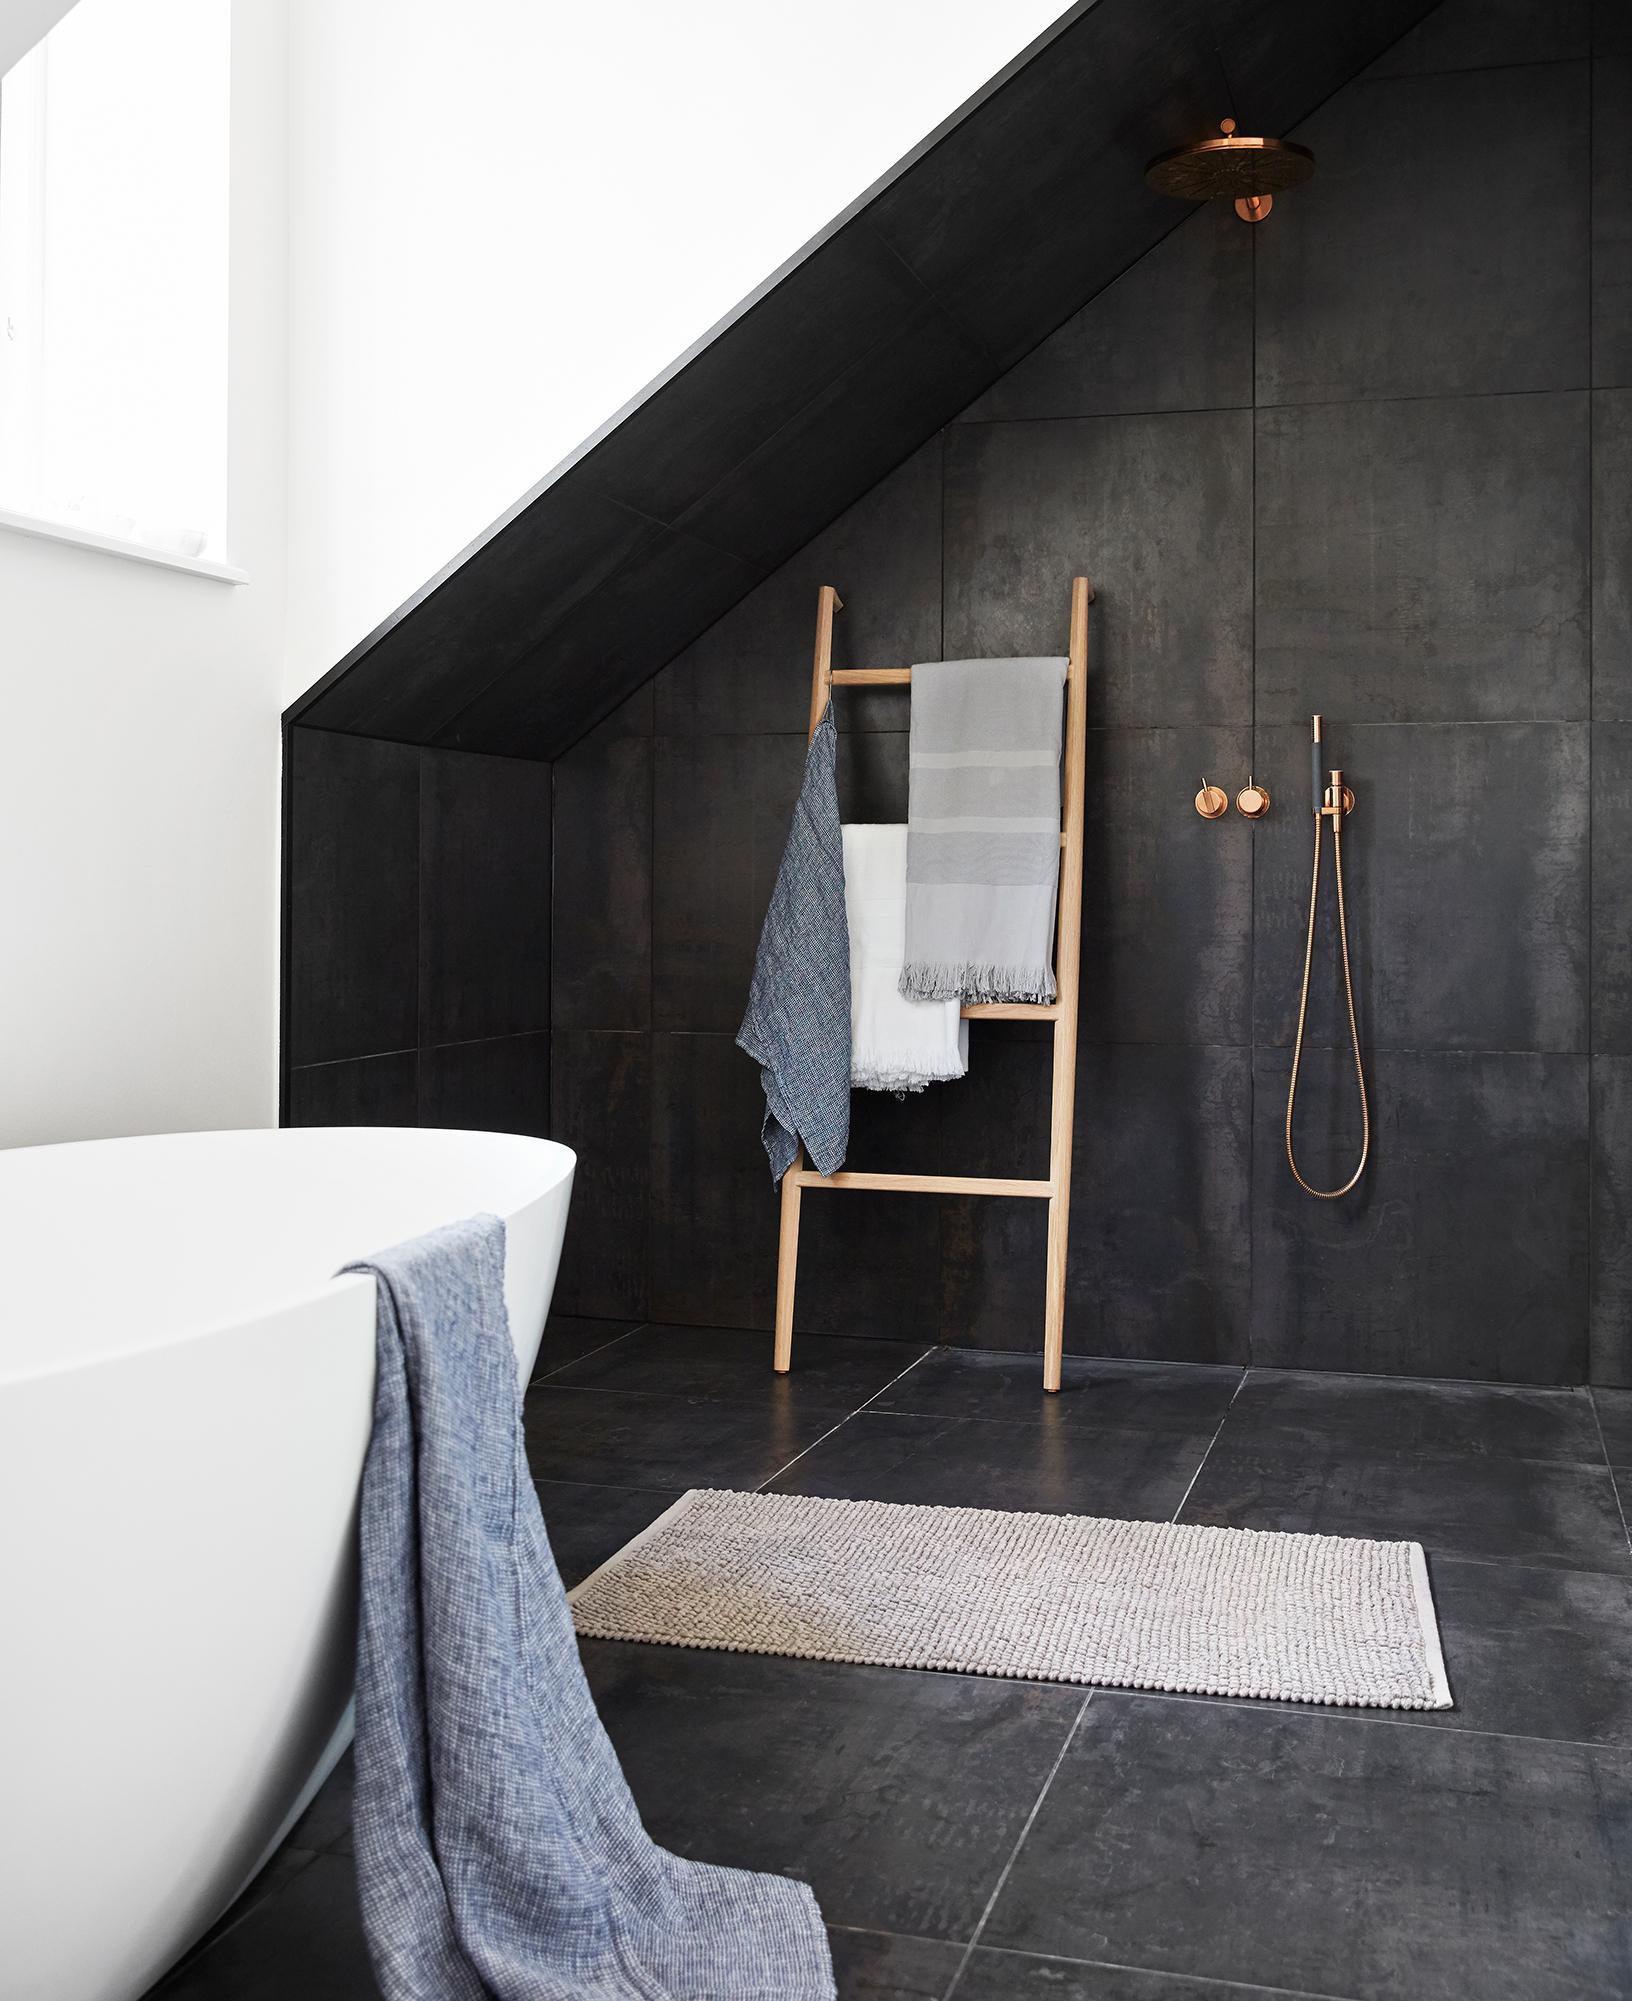 Offene Dusche Im Modernen Badezimmer #teppich #badewanne #badezimmer  #dachgeschoss #offenedusche #